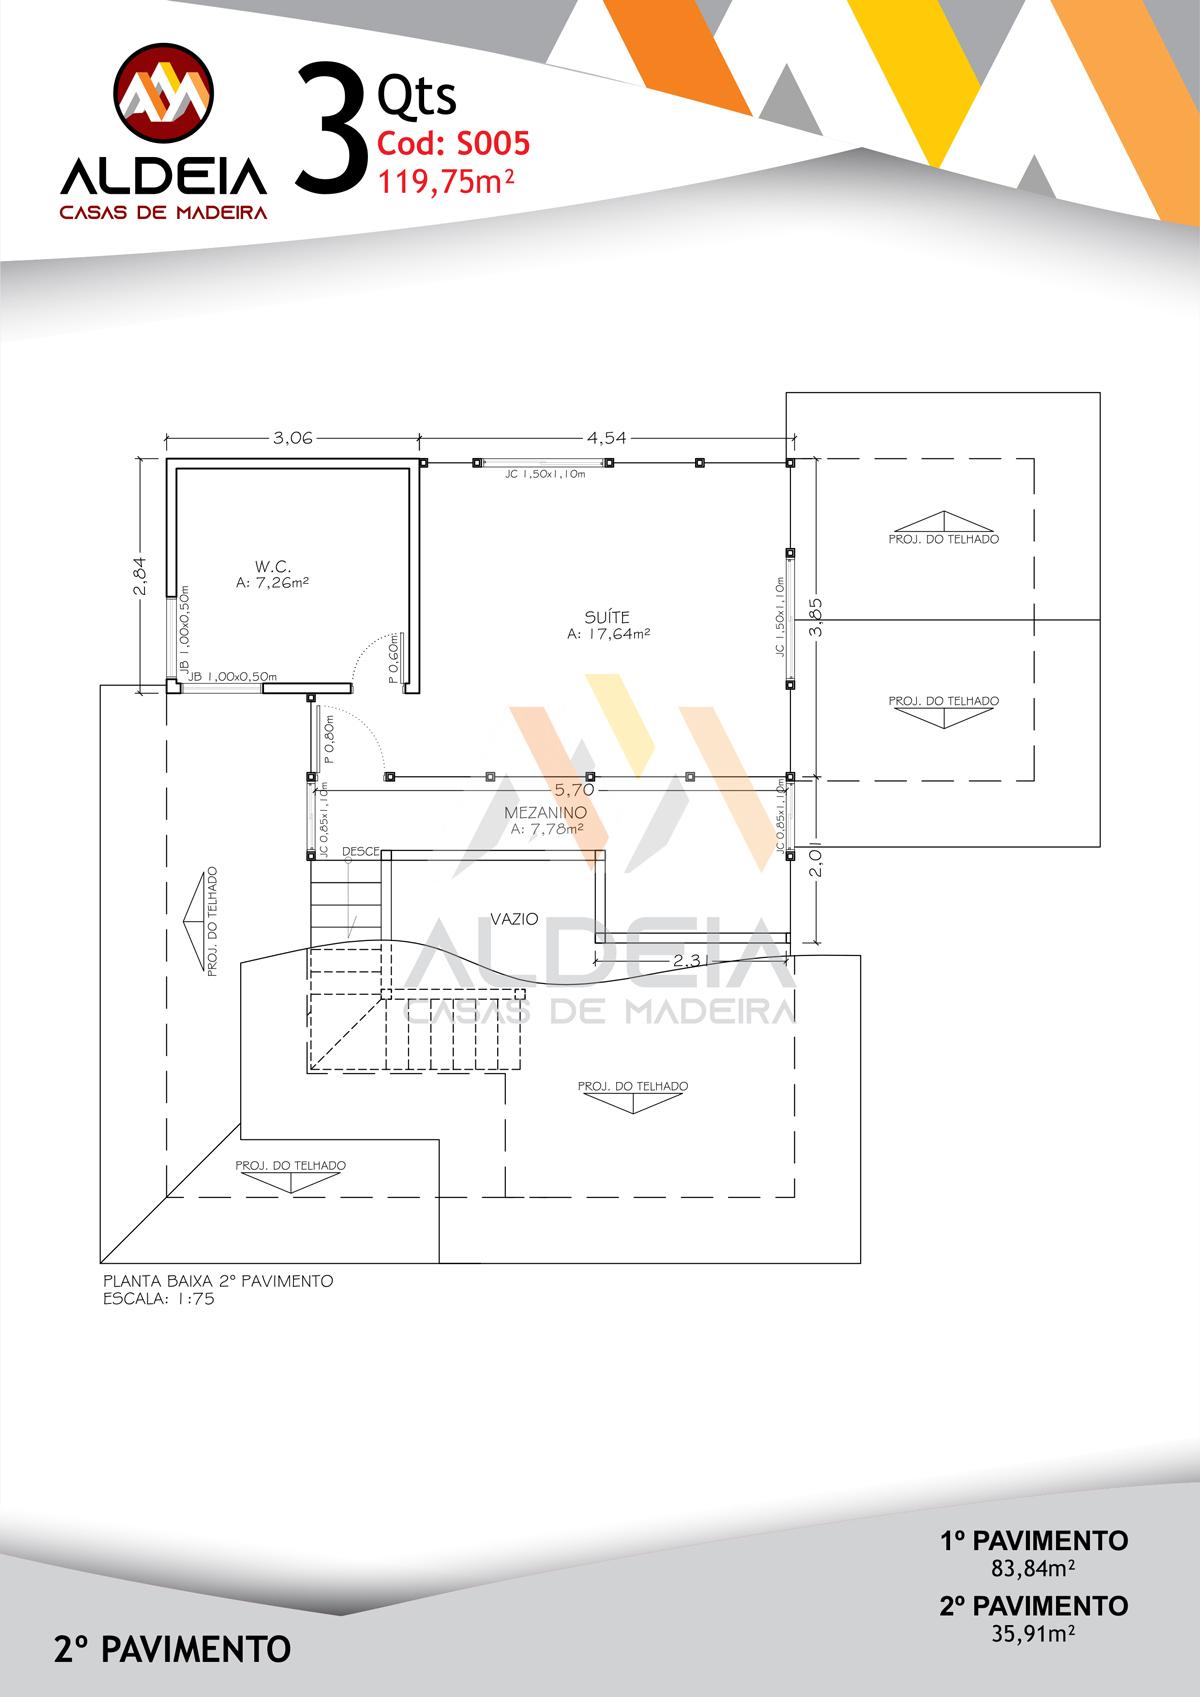 aldeia-casas-madeira-arquitetura-S005-2